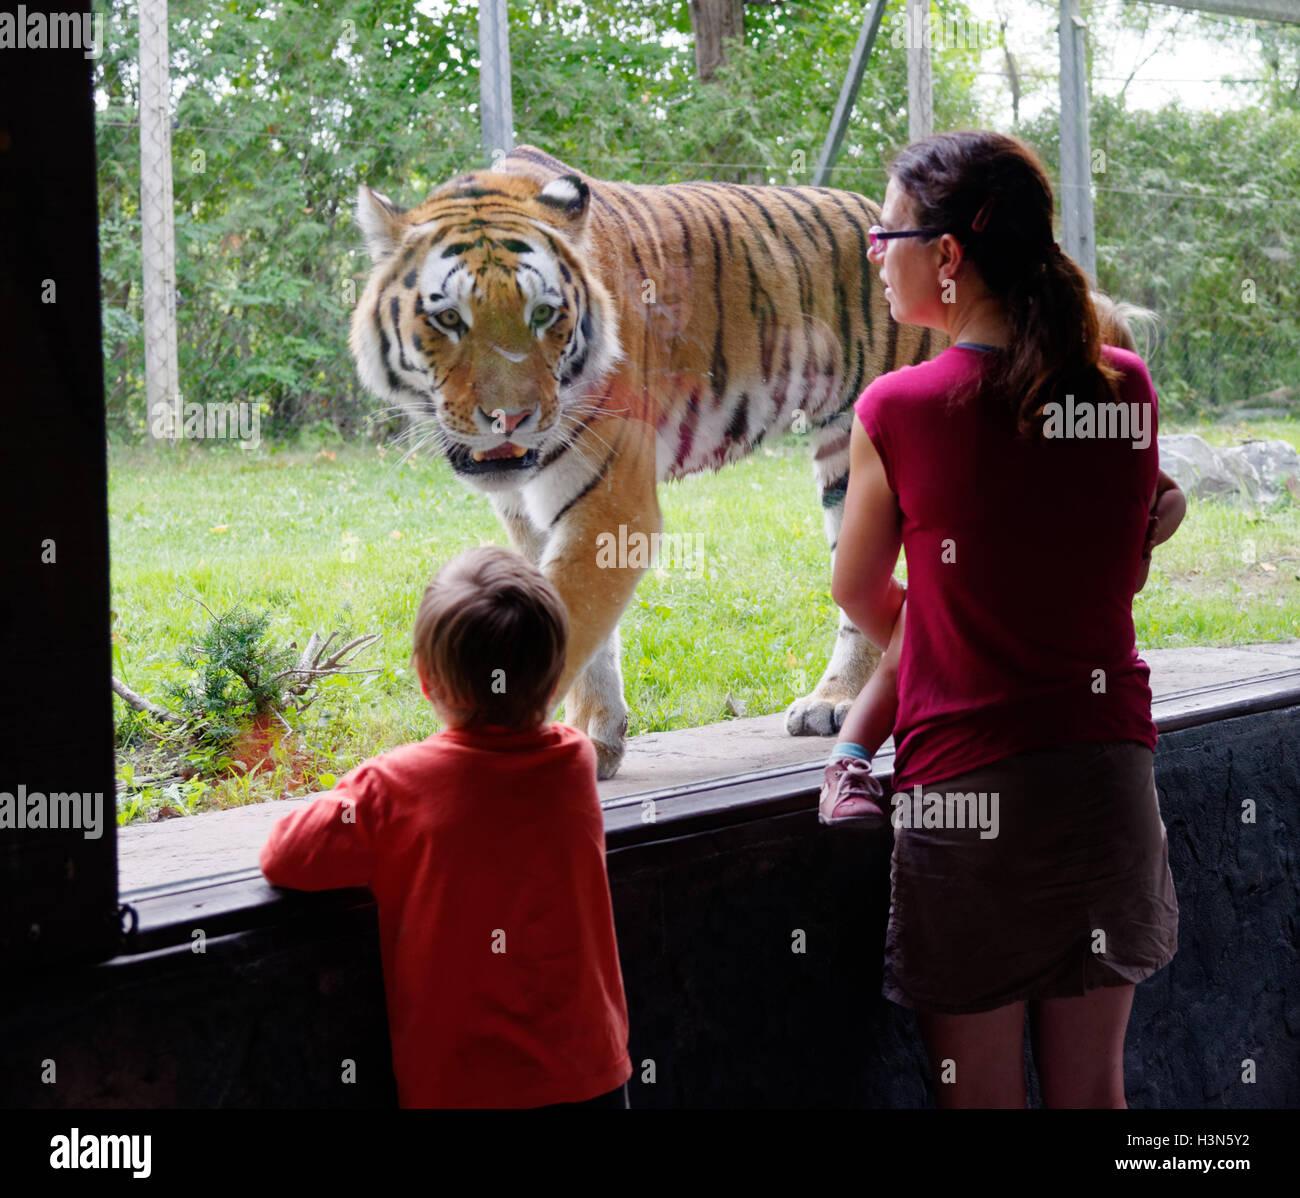 El tigre siberiano en Granby Zoo mirando a la gente detrás del cristal, Quebec, Canadá Imagen De Stock